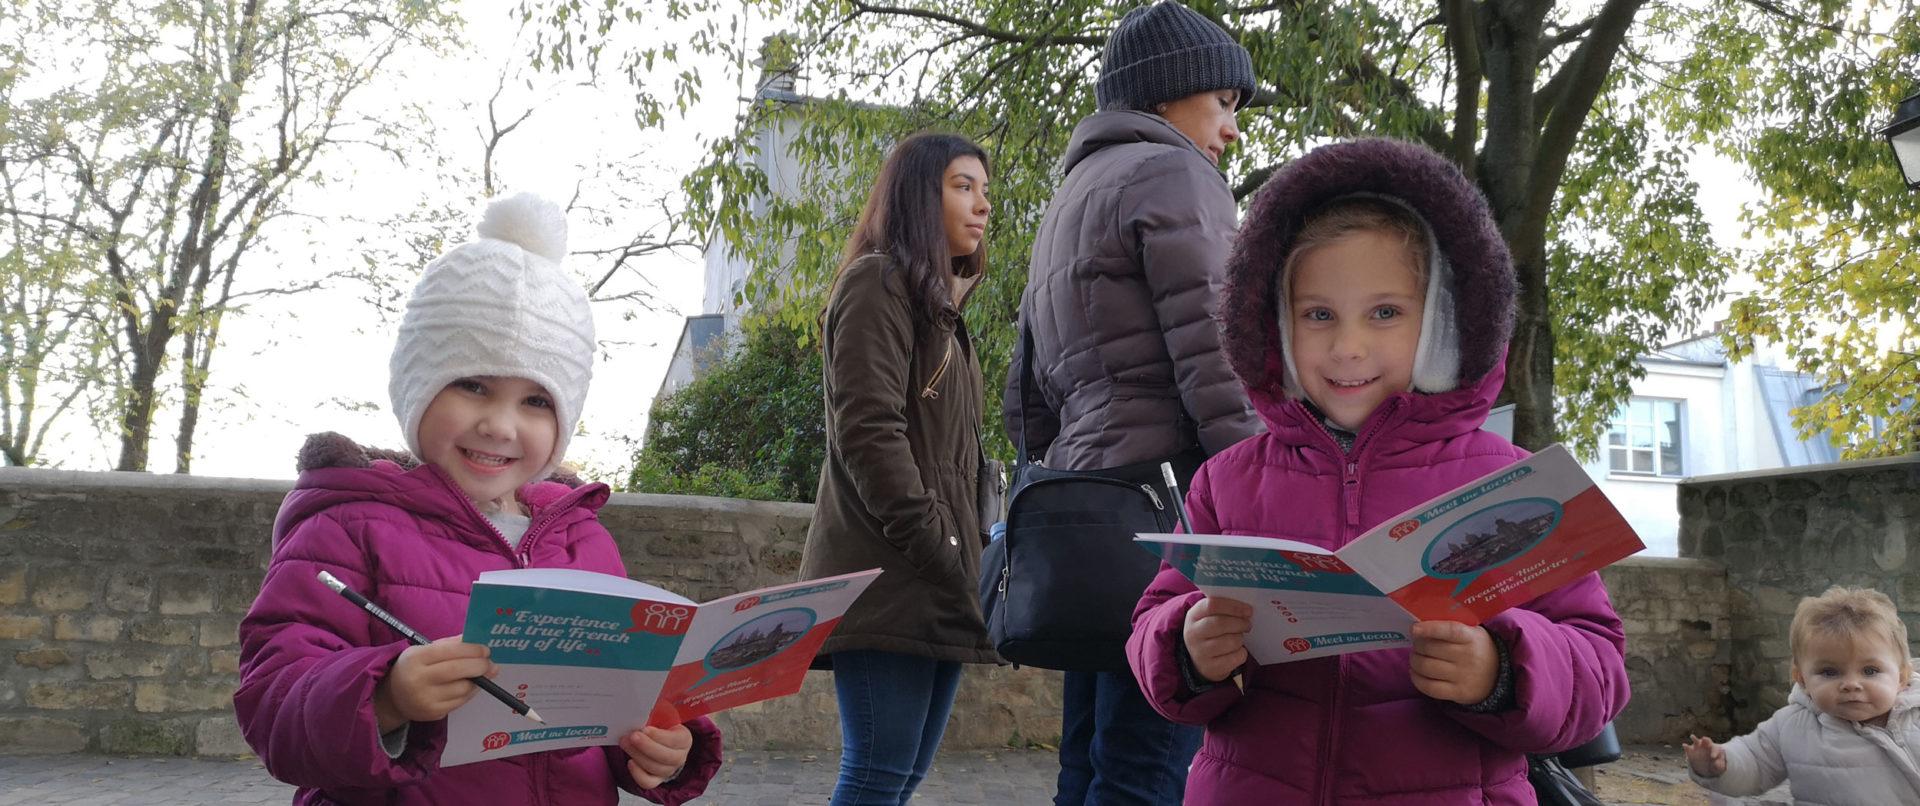 paris-for-kids-tour-montmartre-private-experience1